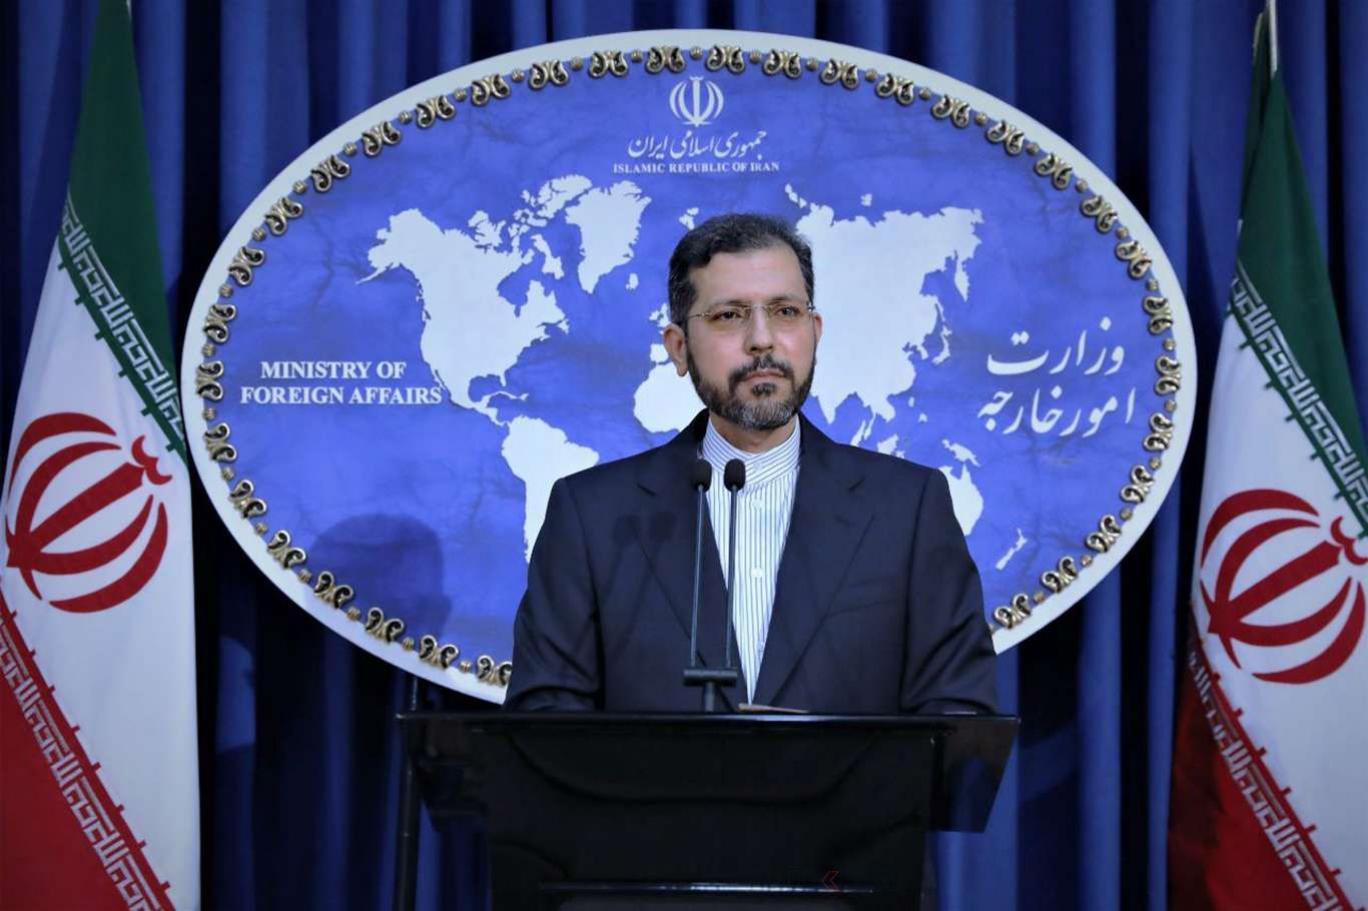 İran'dan Ermenistan iddialarına ilişkin açıklama